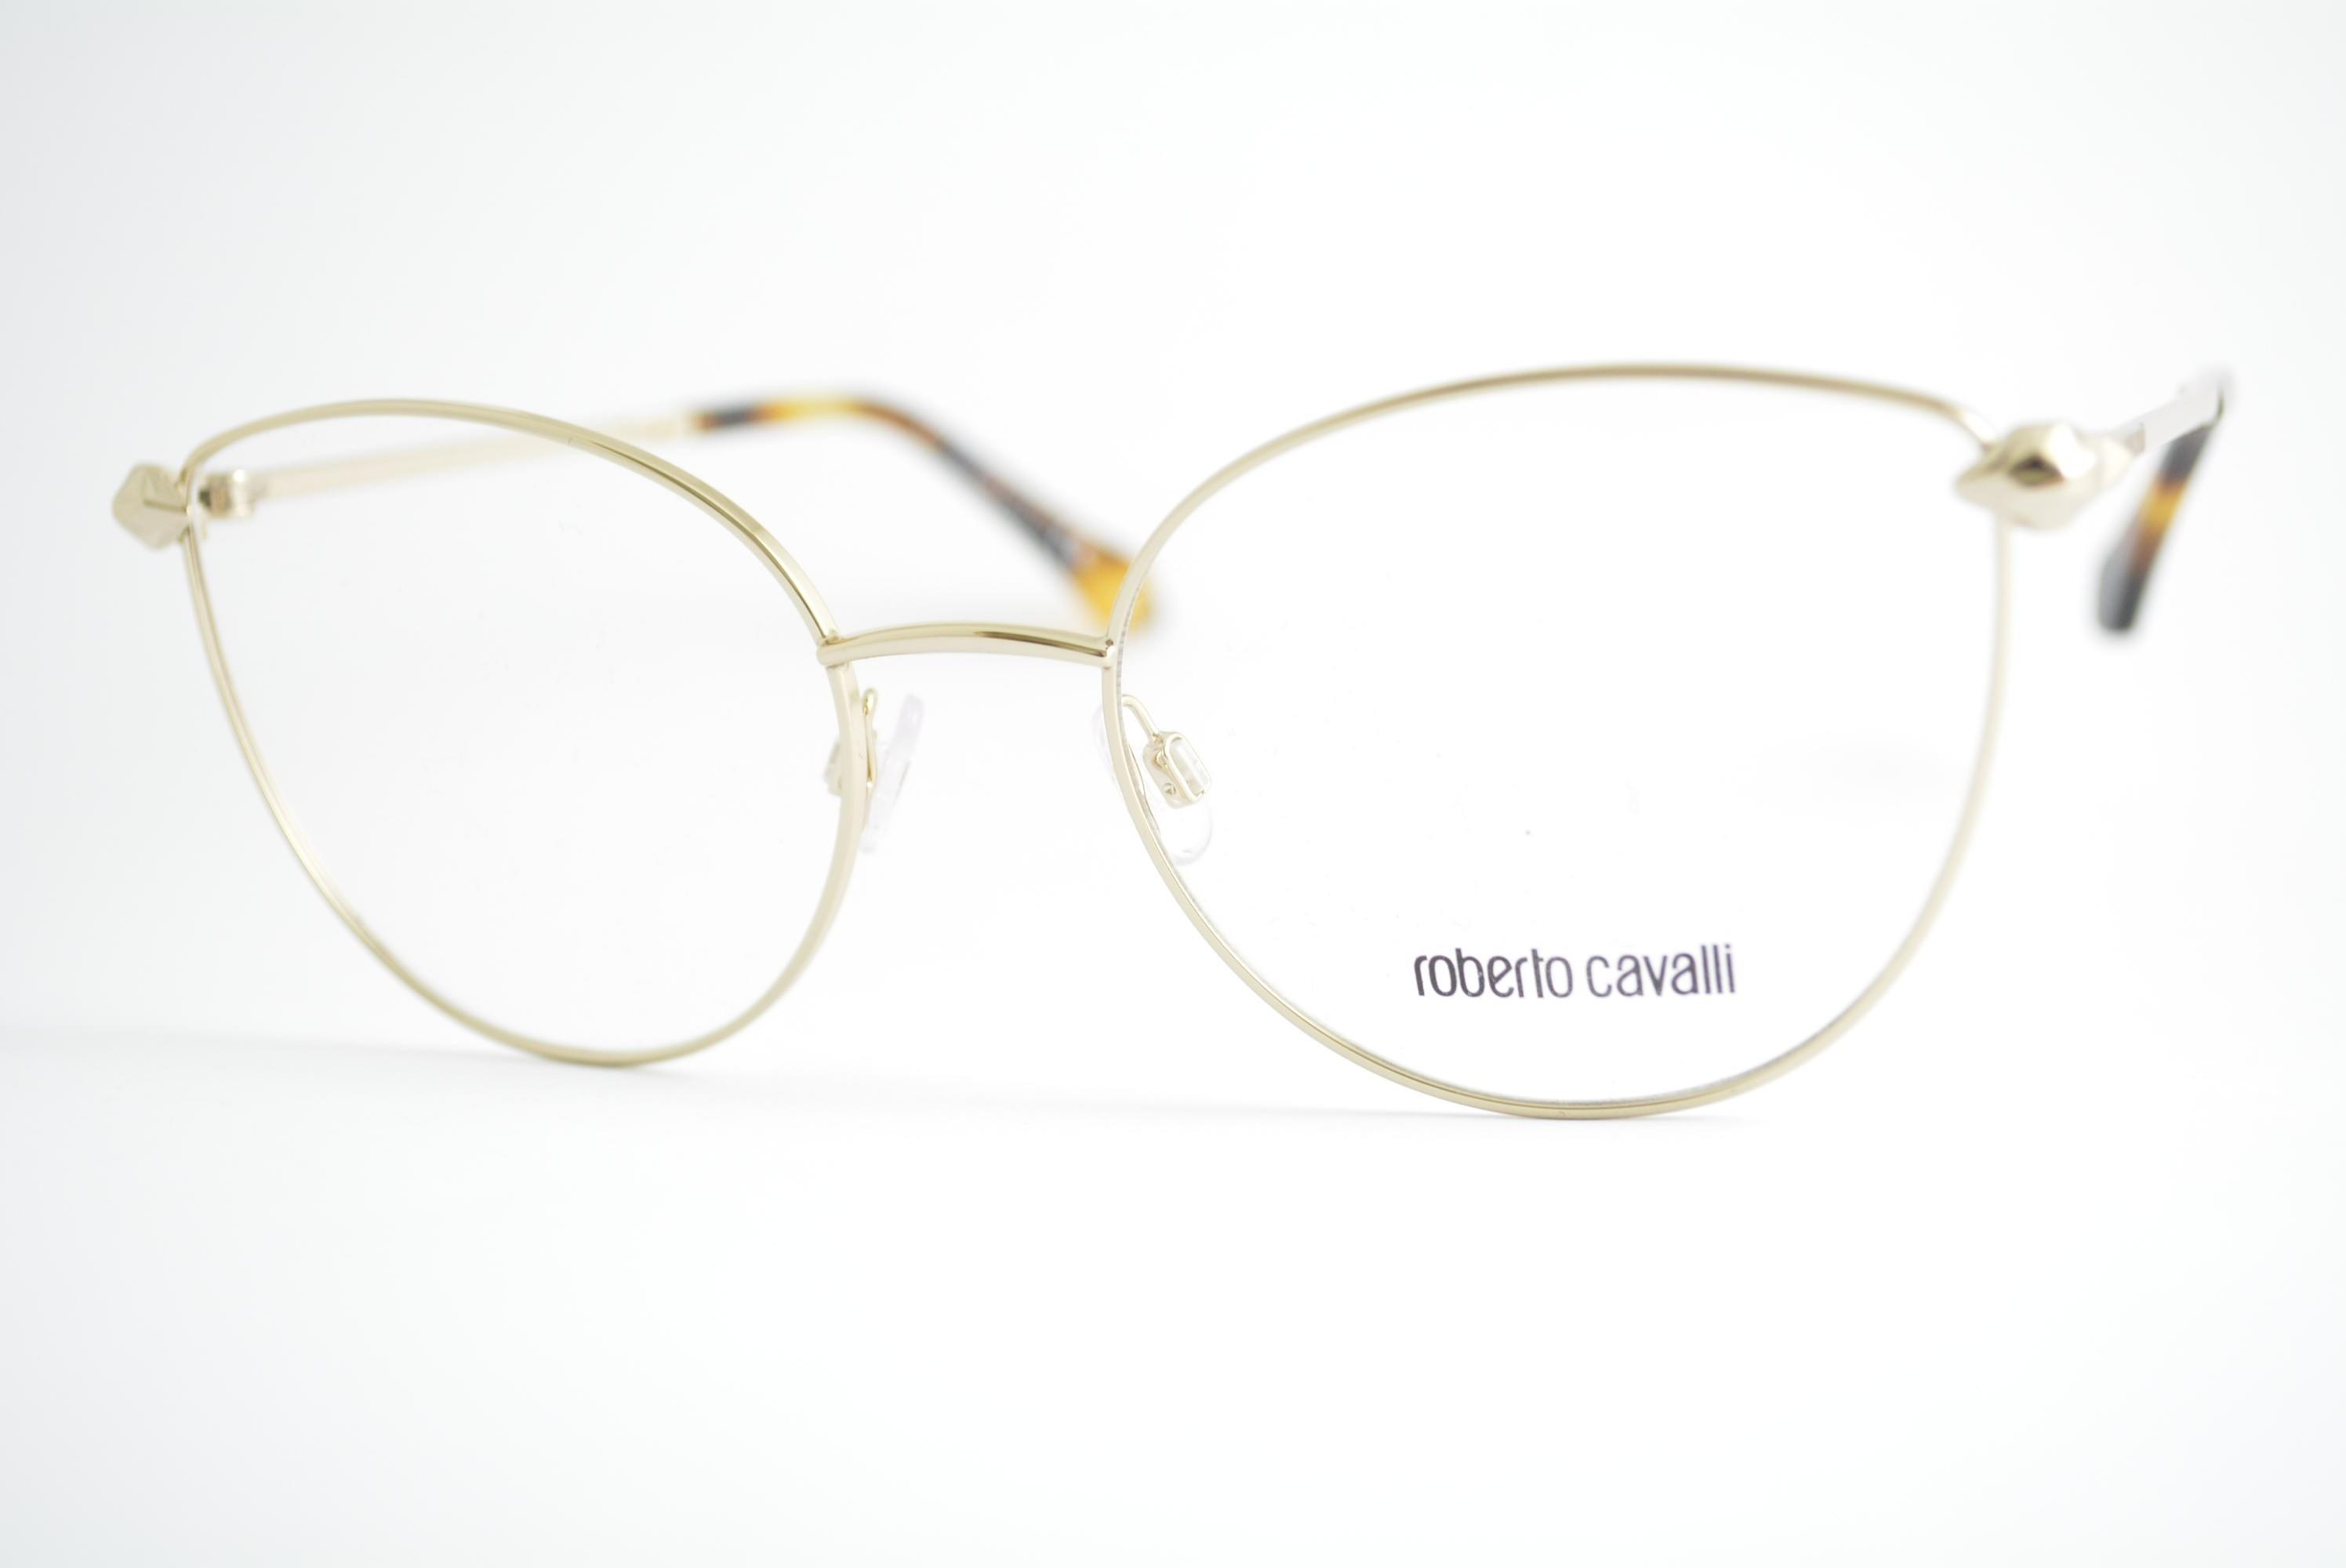 armação de óculos Roberto Cavalli mod 5065 028 Ótica Cardoso f92e0ae7ef